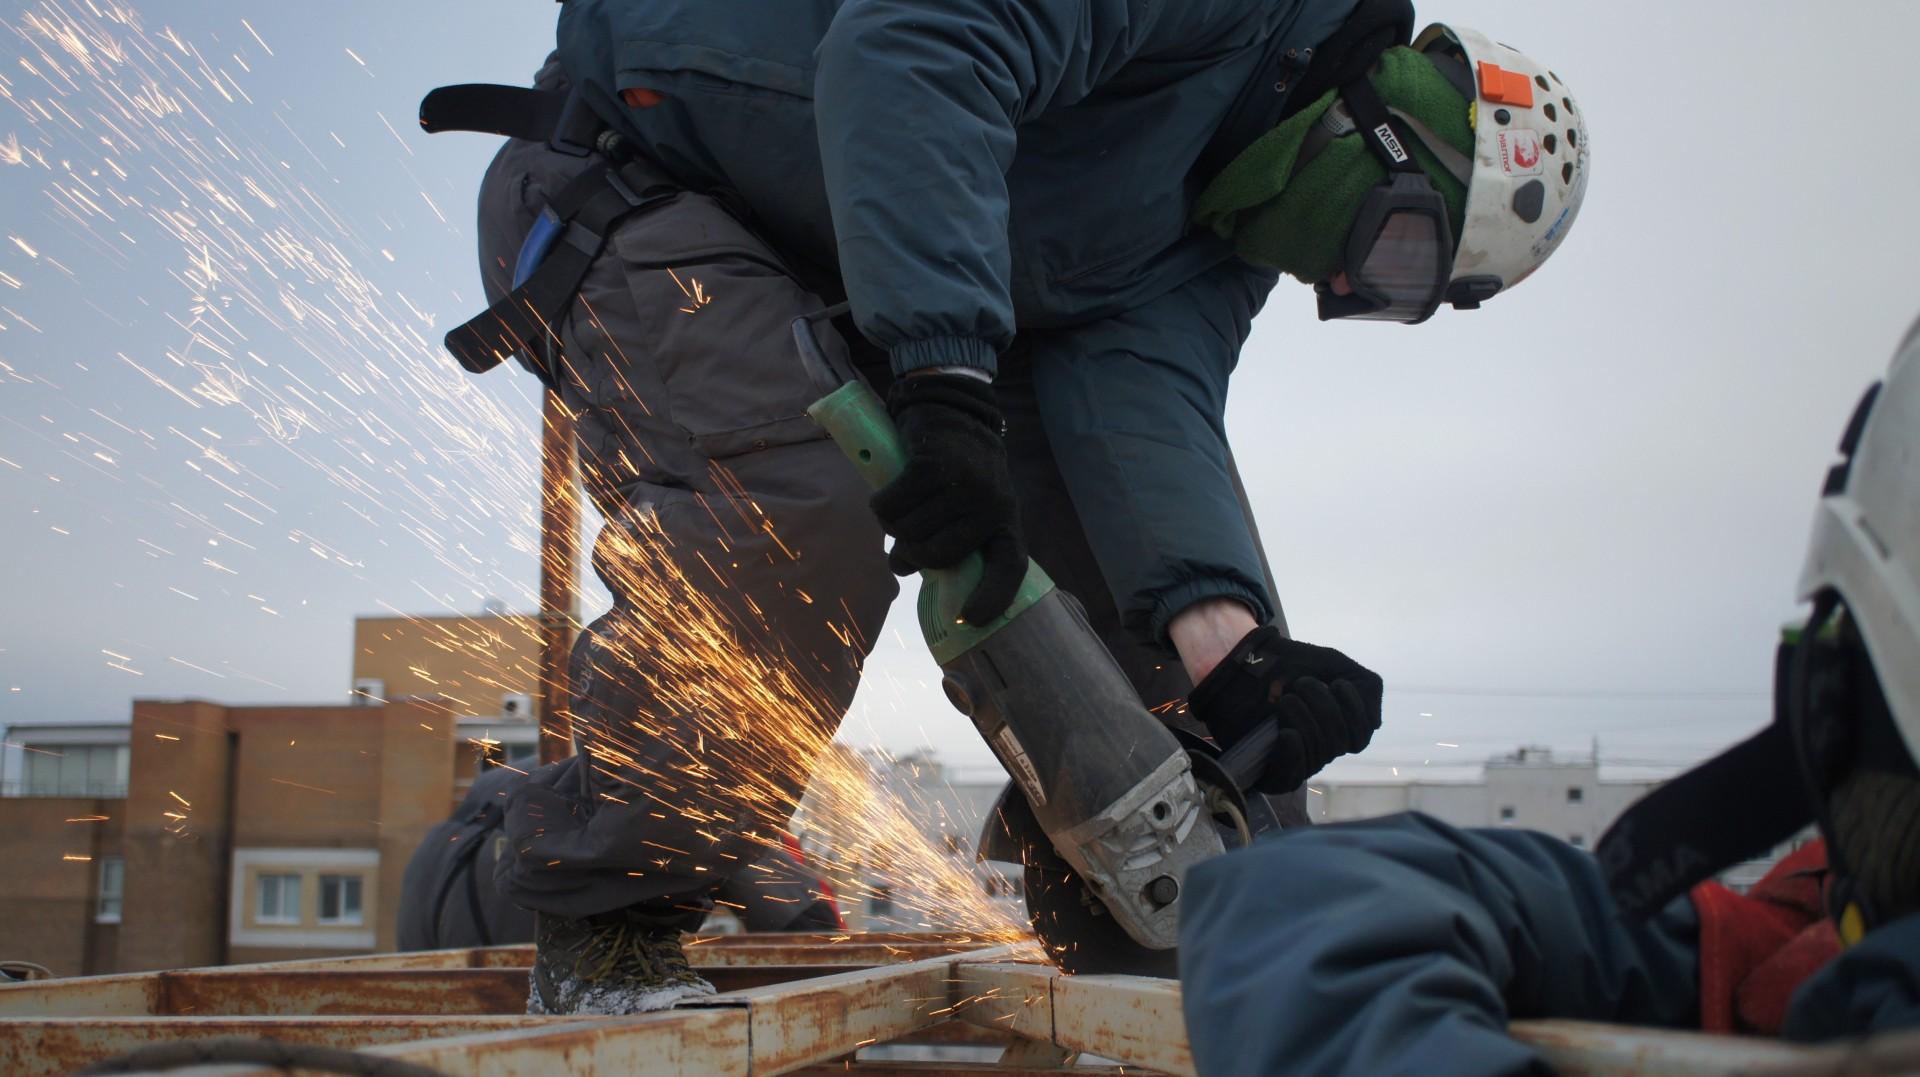 Установка воздуховодов и водостоков промышленными альпинистами